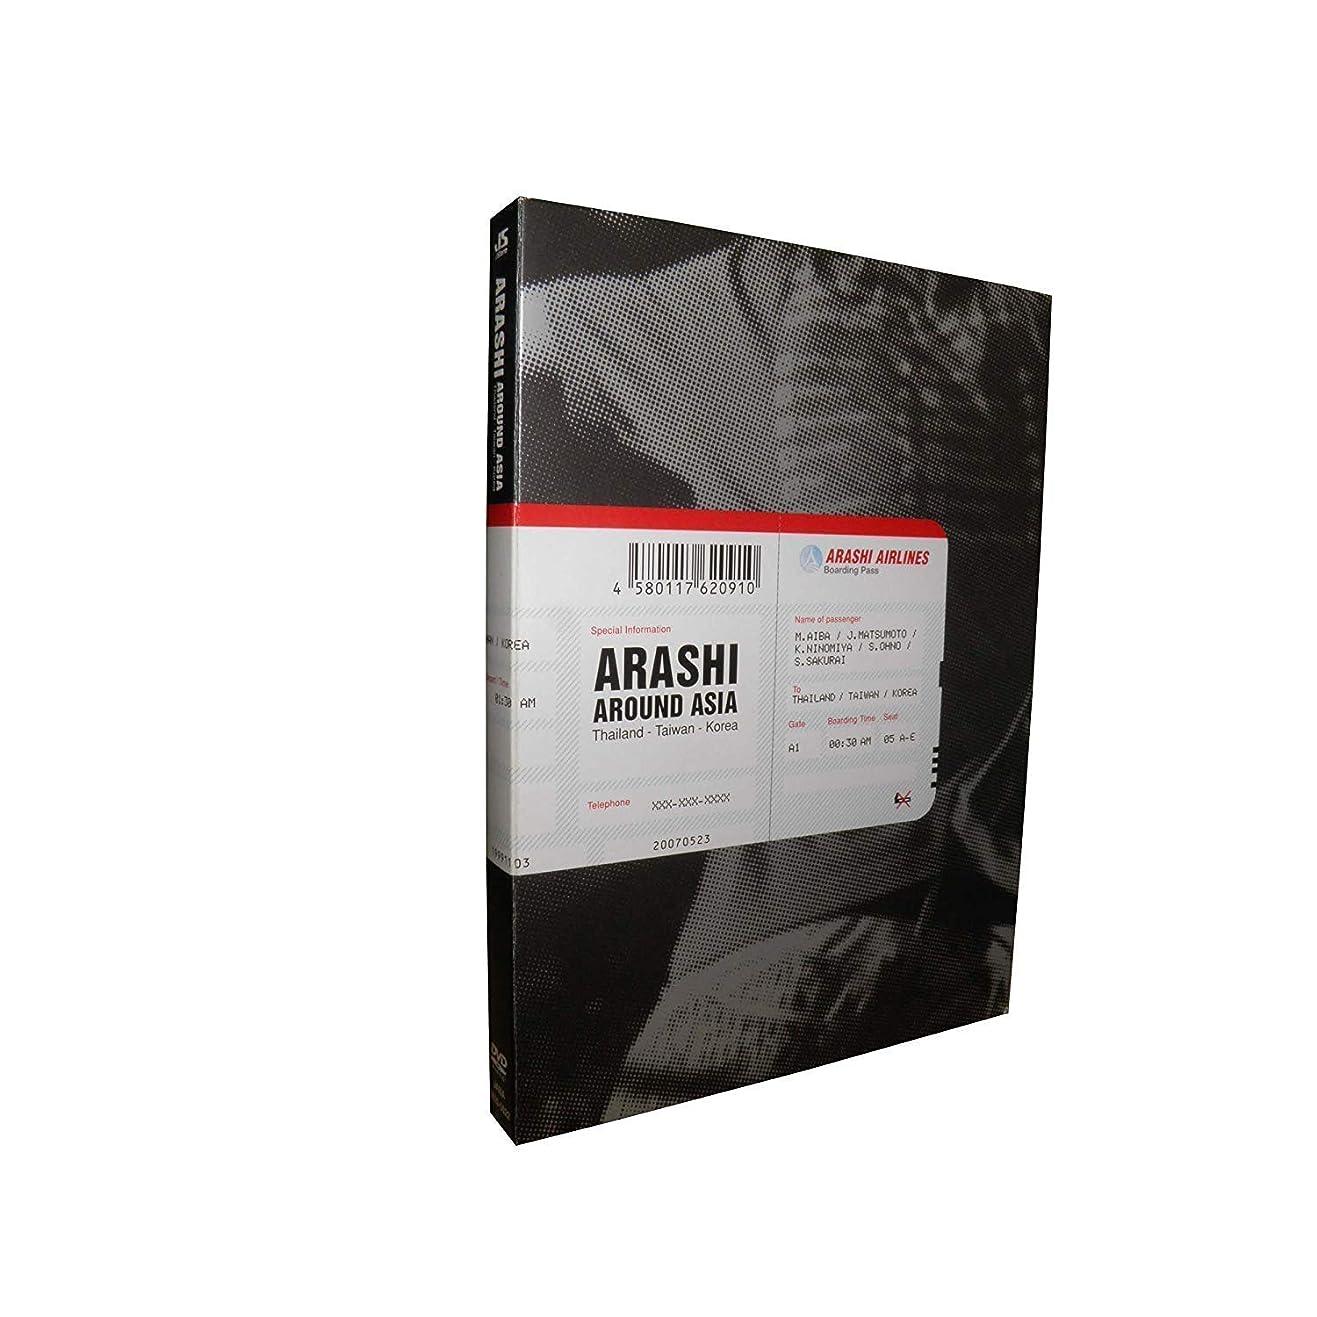 ベイビー付けるマイコンARASHI AROUND ASIA 【初回生産限定盤】 [DVD]